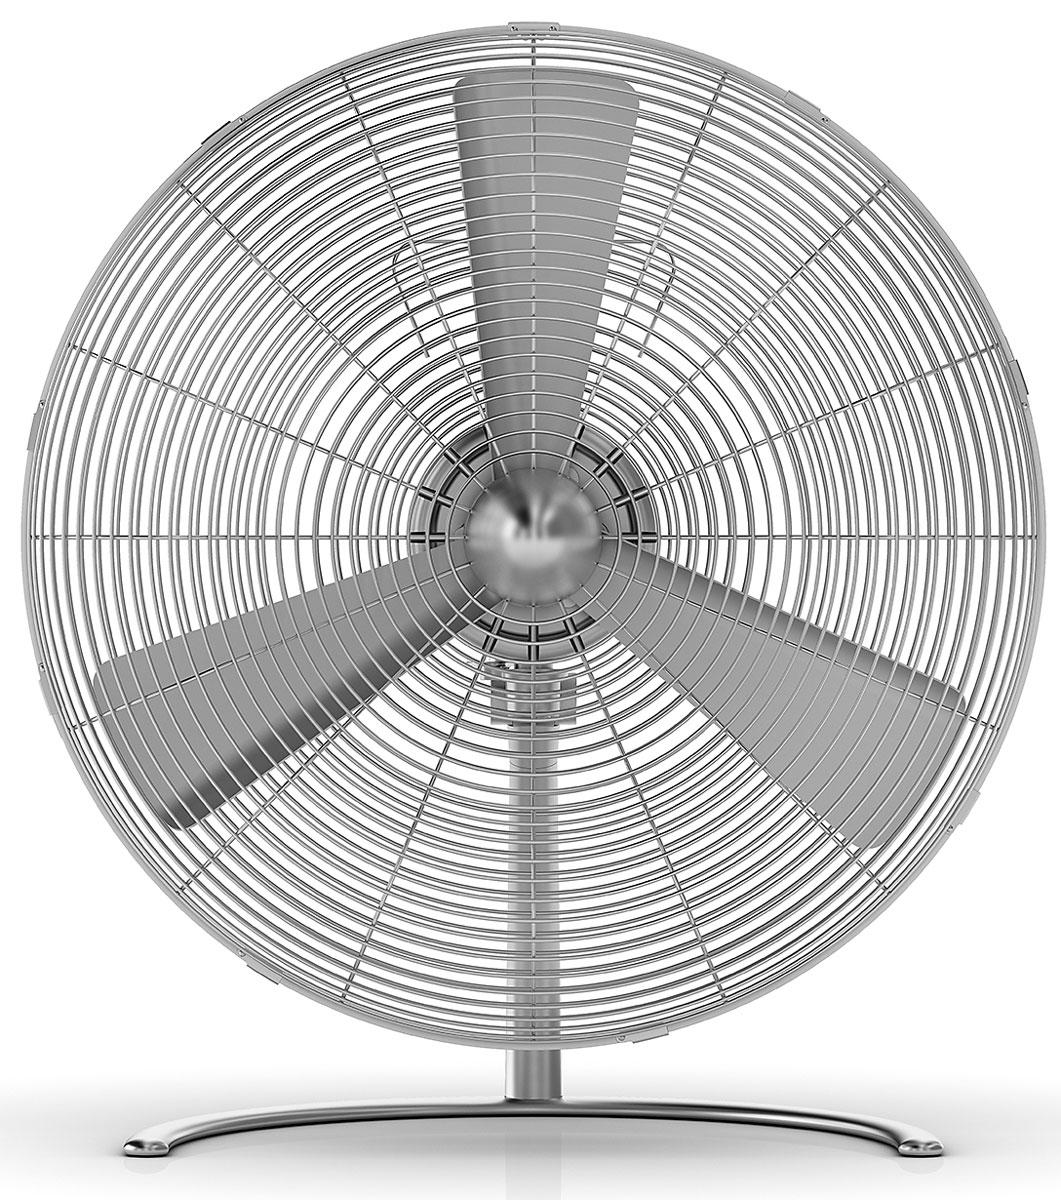 Stadler Form Charly Fan Table New, Silver вентилятор настольный0802322002867Усовершенствованная версия культового вентилятора Charly - Charly New. Теперь у этой ветряной машины естьповоротный режим, благодаря которому охлажденный воздух равномерно распределяется по комнате. В сочетании с регулировкой наклона и высоты позволяет точно настроить направление освежающего бриза. Дизайн Charly навевает образы самолетов XX века, запечатленных в творчестве Ричарда Баха. При этом вентилятор не выглядит старомодно, а ретро выражается исключительно тонкими намеками, без нарочитой стилизации. Все это результат совместной работы команды Stadler Form и швейцарского дизайнера Матти Уолкера. Сходство с турбиной самолета создается не только авторским дизайном, но и производительностью под стать воздушному судну. Три алюминиевые лопасти Charly перегоняют до 2400 м3 в час. Это обеспечивает активную циркуляцию воздуха, чувство свежести и комфорта в помещении. Крепкий парень Charly сделан полностью из металла: цинк, алюминий и матовое покрытие. Если бы не такая внушительная натура, Charly наверняка бы взмыл под облака!